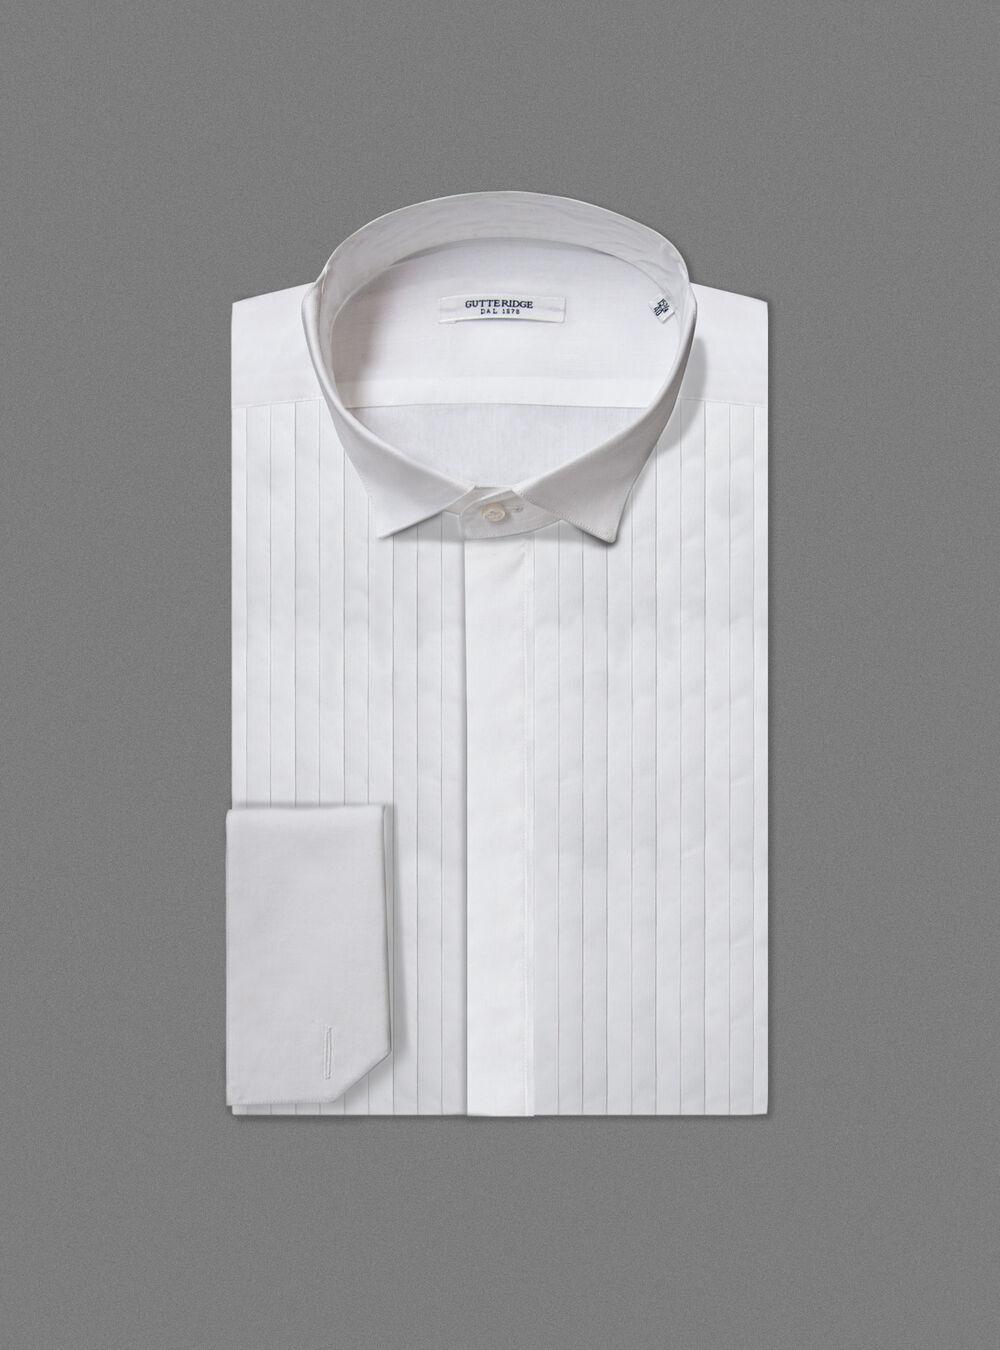 nuovo concetto 7f8f1 691ae Camicia smoking collo diplomatico con polso gemelli   Gutteridge ...